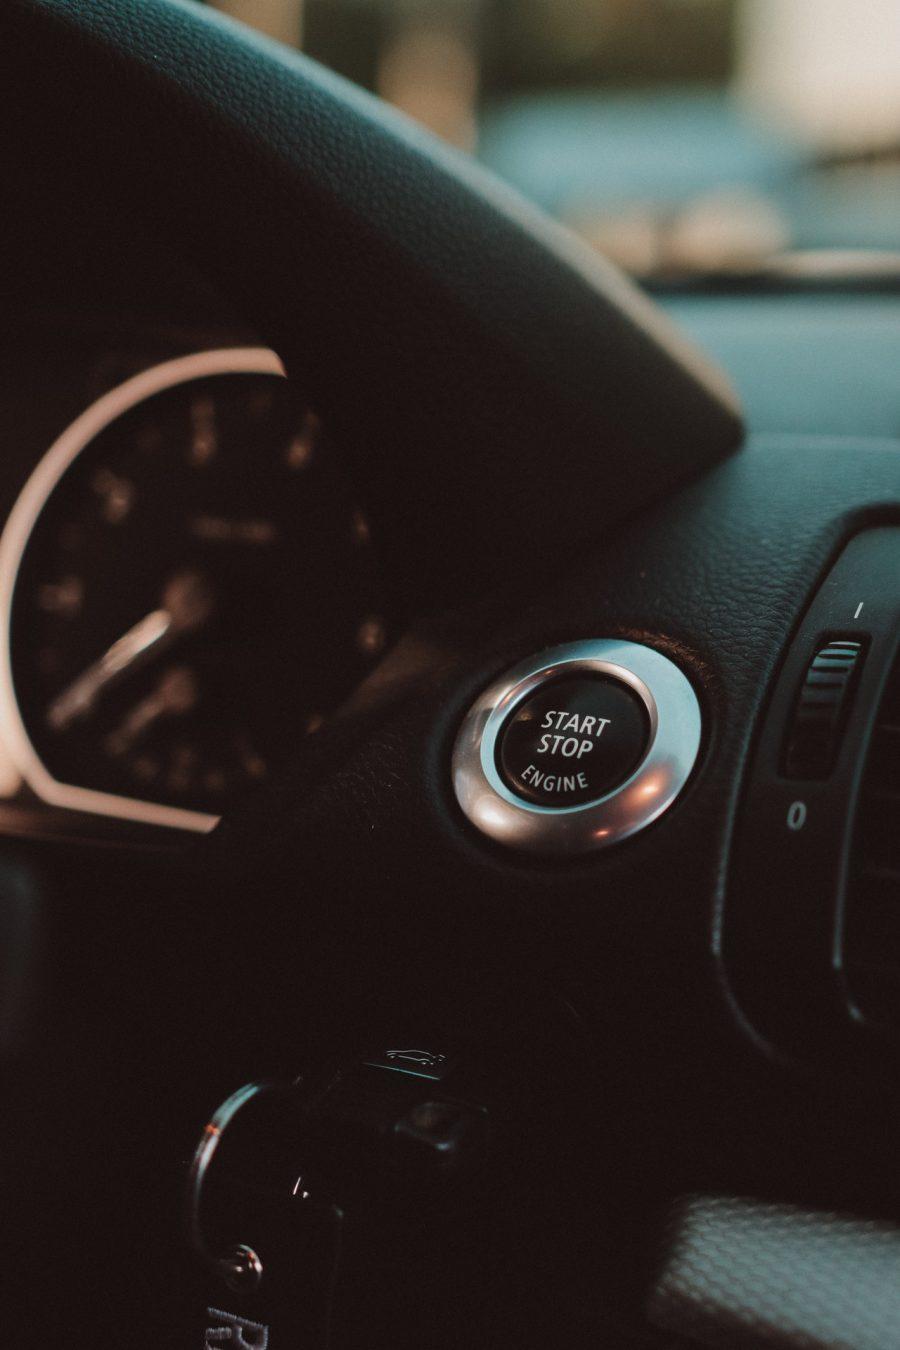 Start button on car dashboard